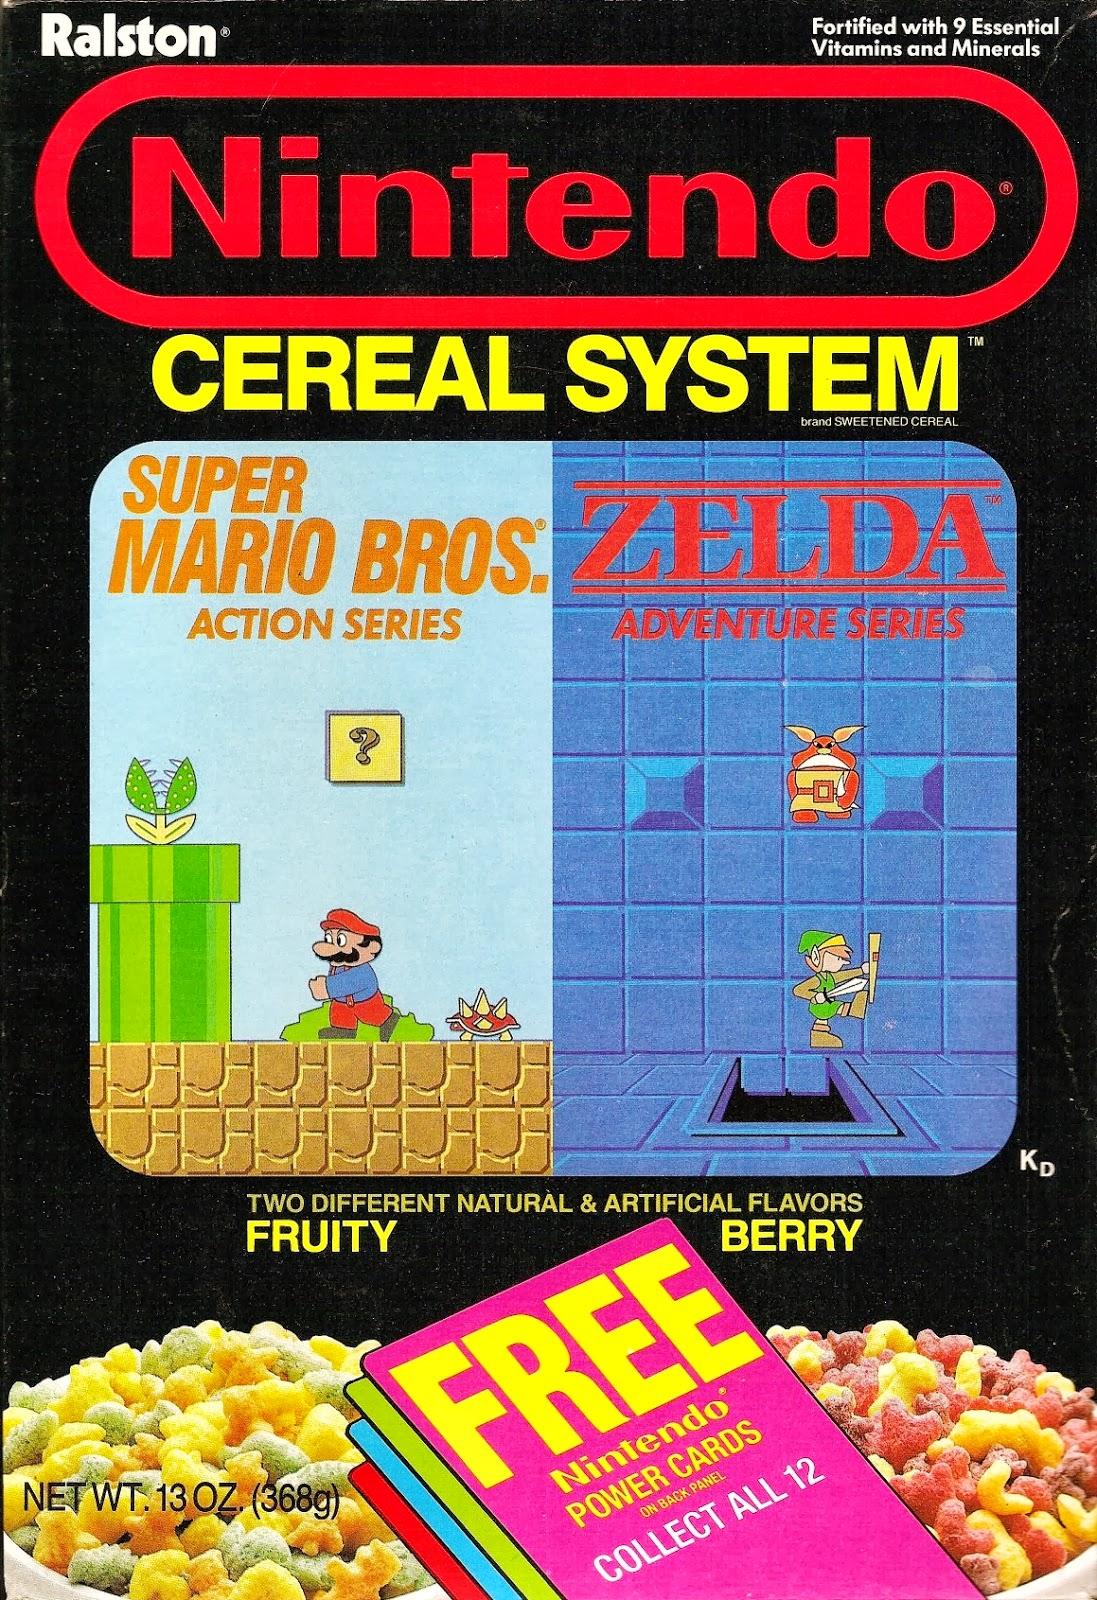 Cereal bowl ass - 5 6